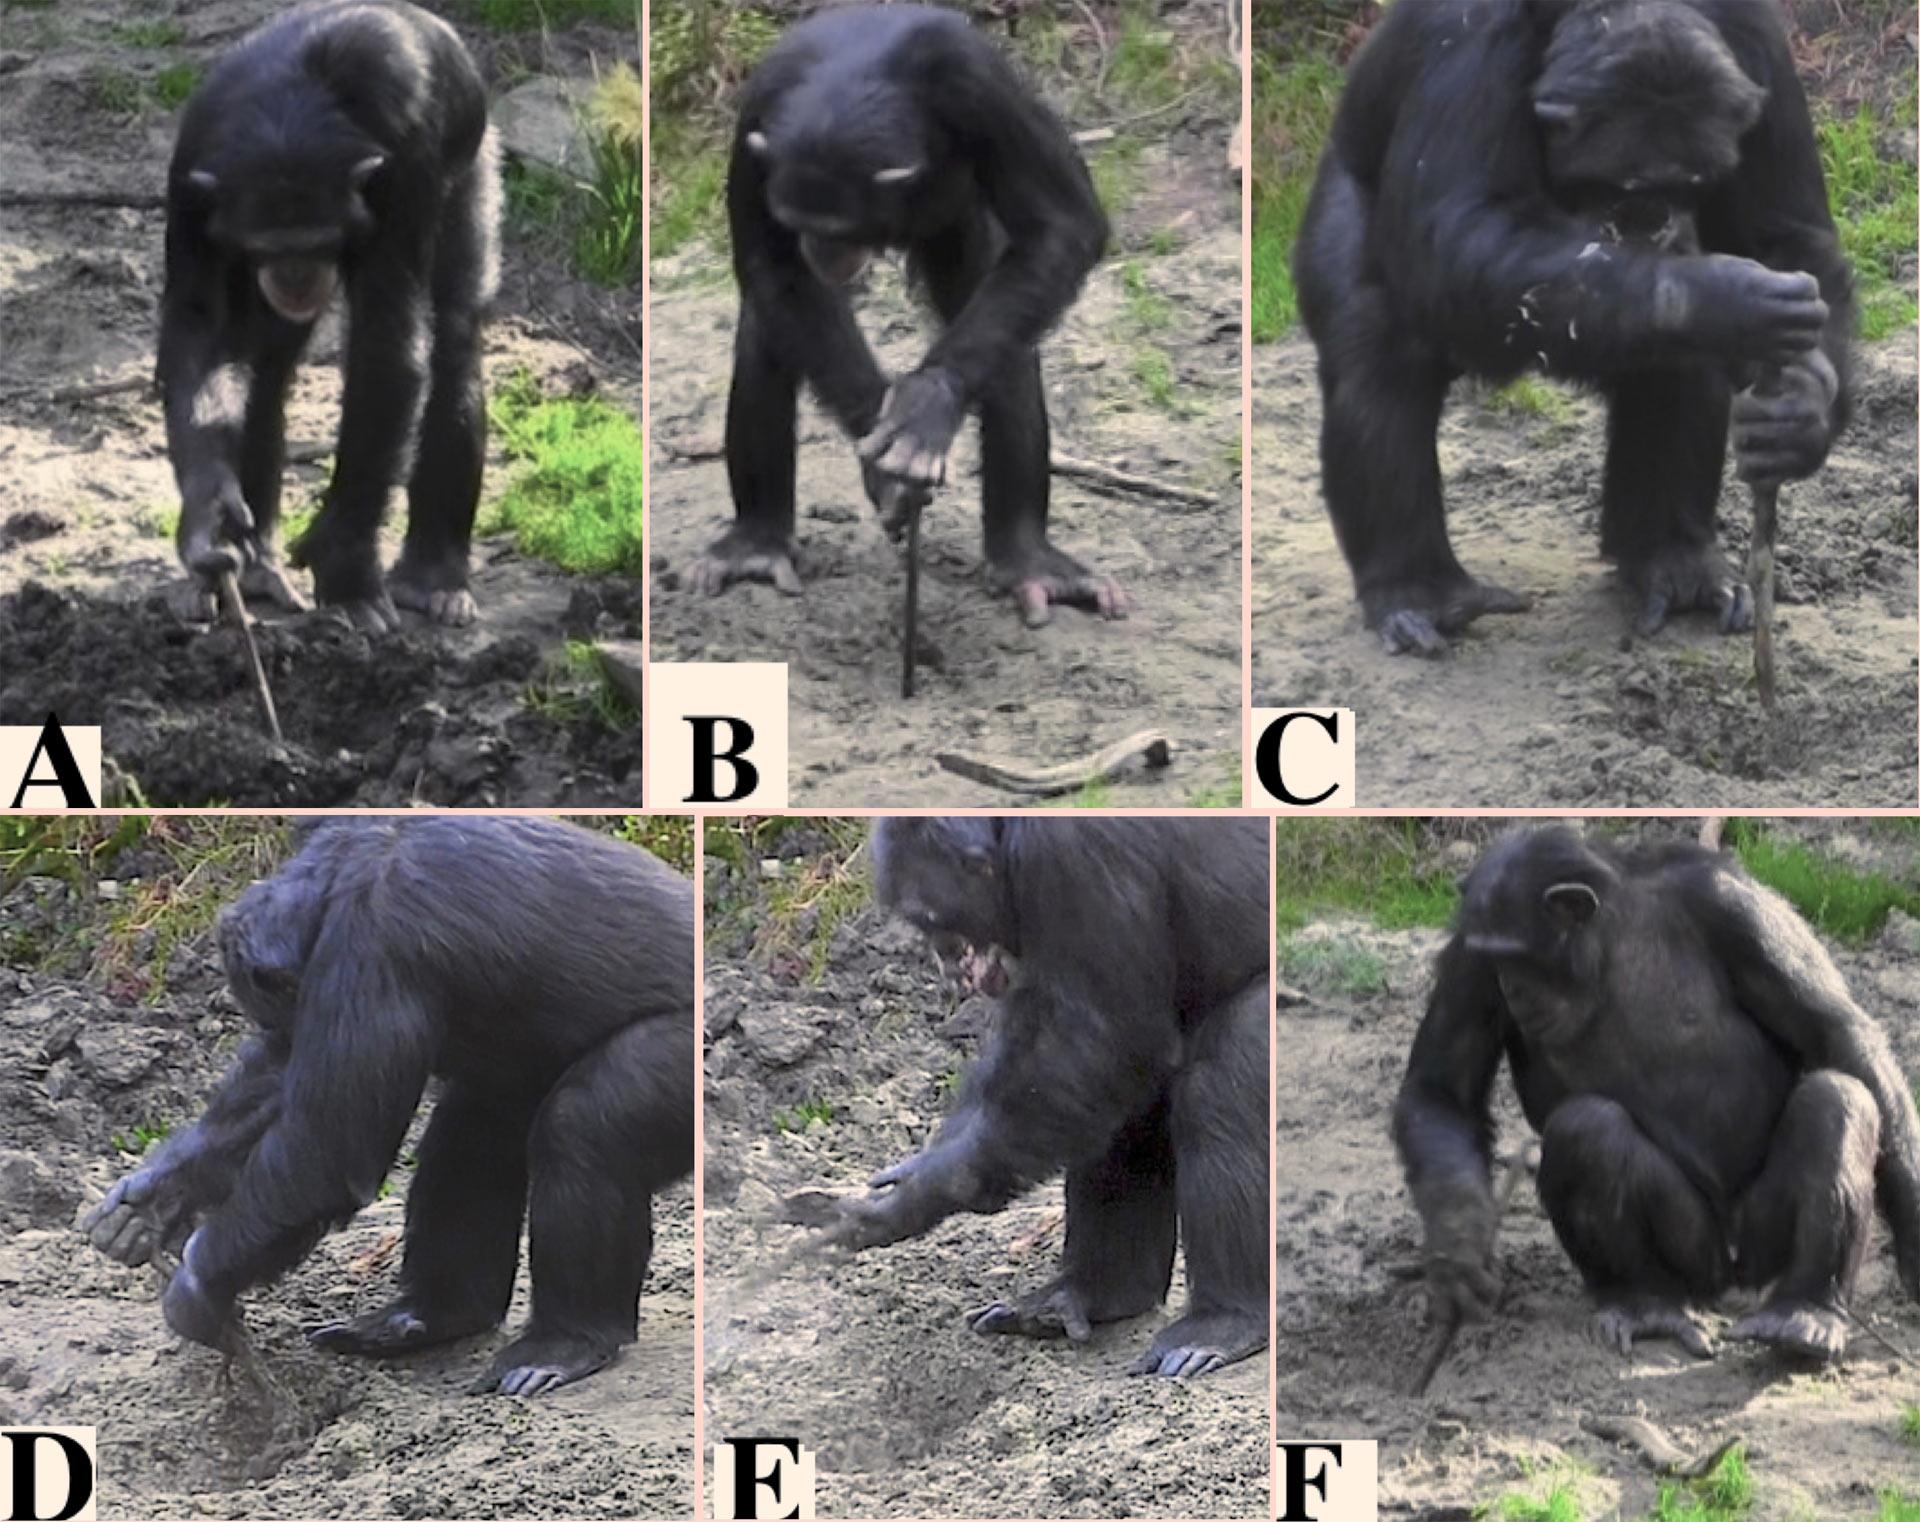 Шимпанзе используют орудия для добычи пищи из земли